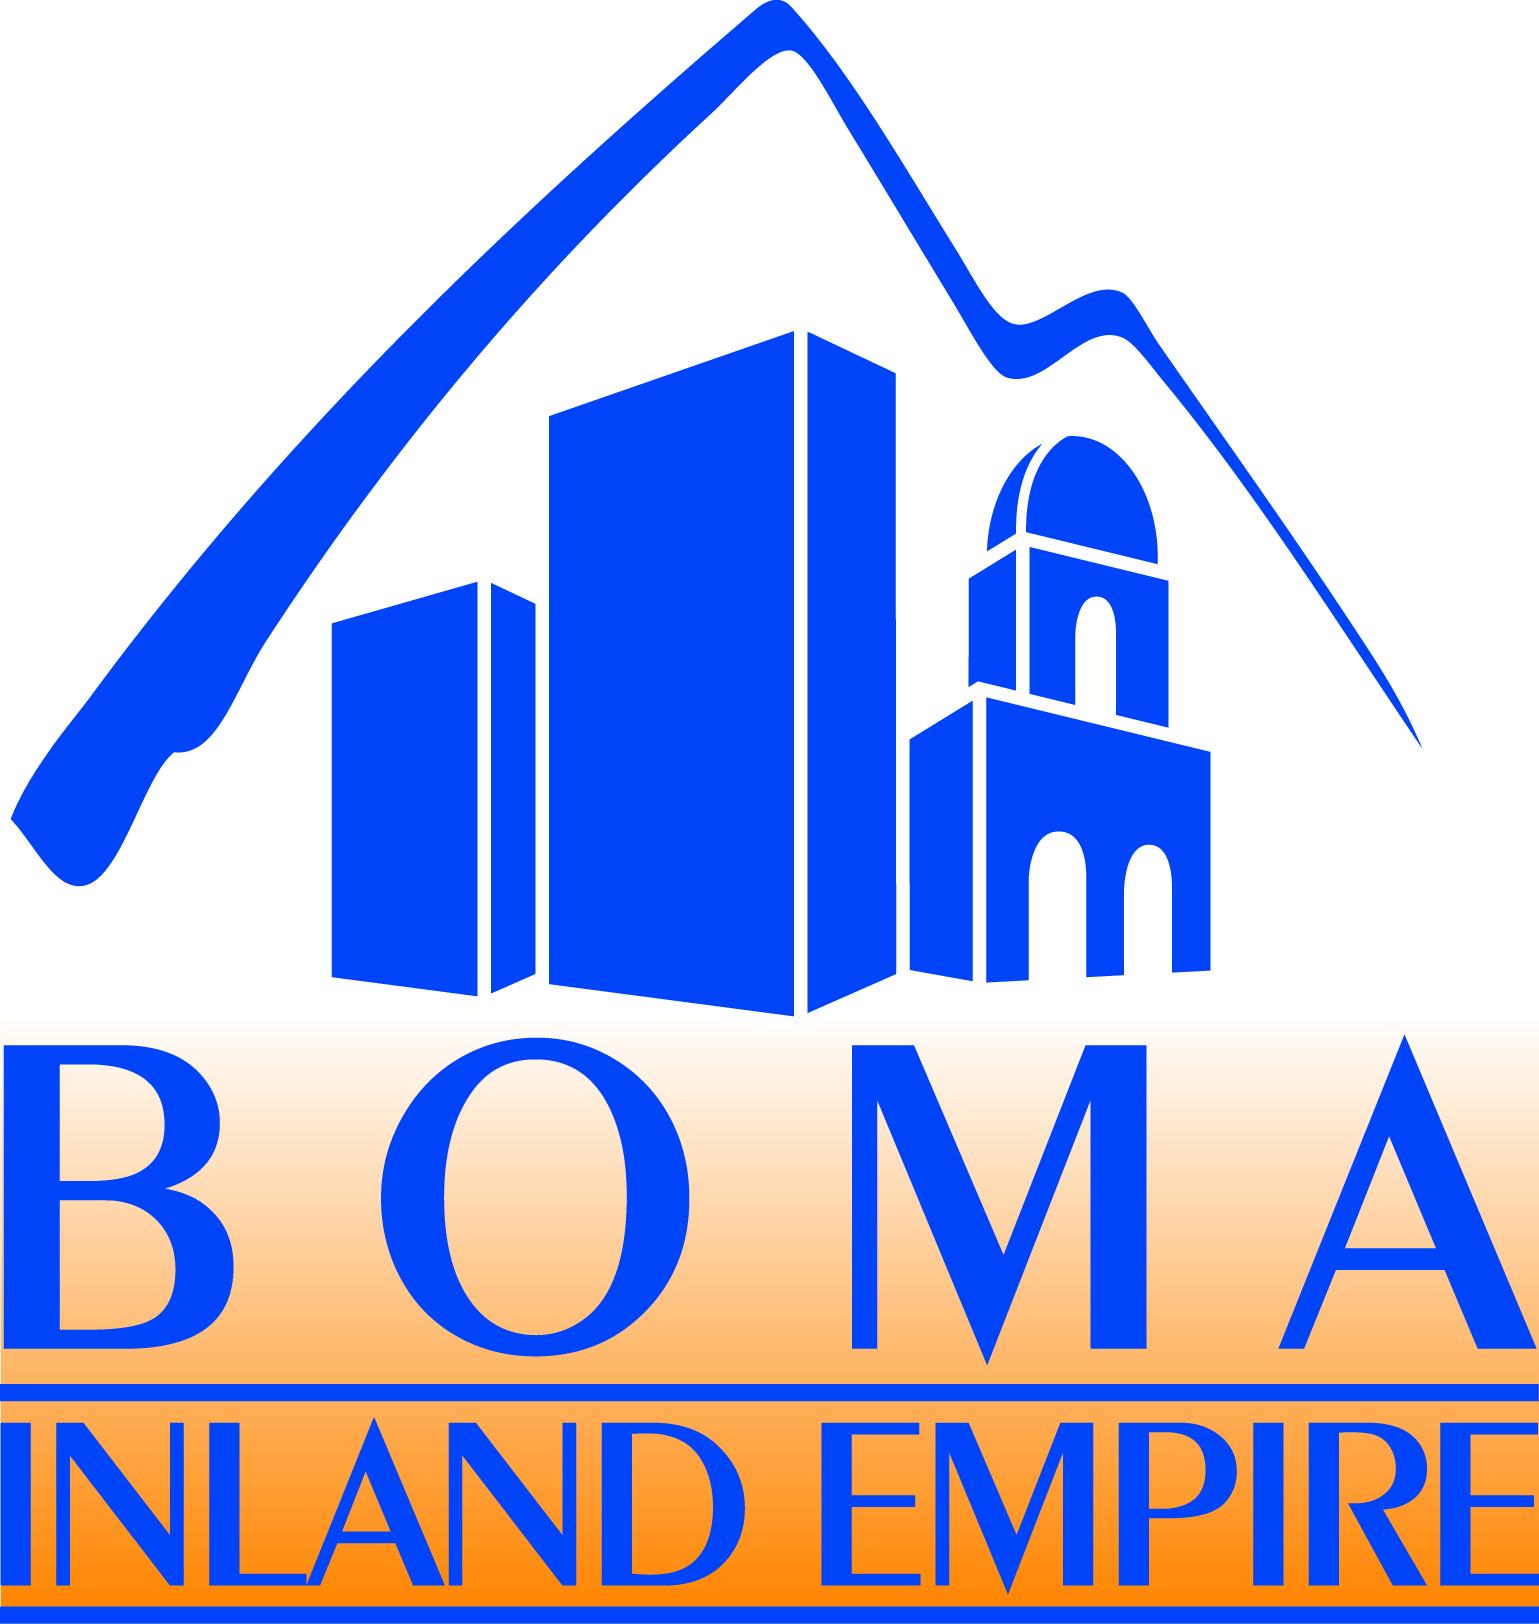 BOMA_Logo-2_LG-orange bottom.jpg